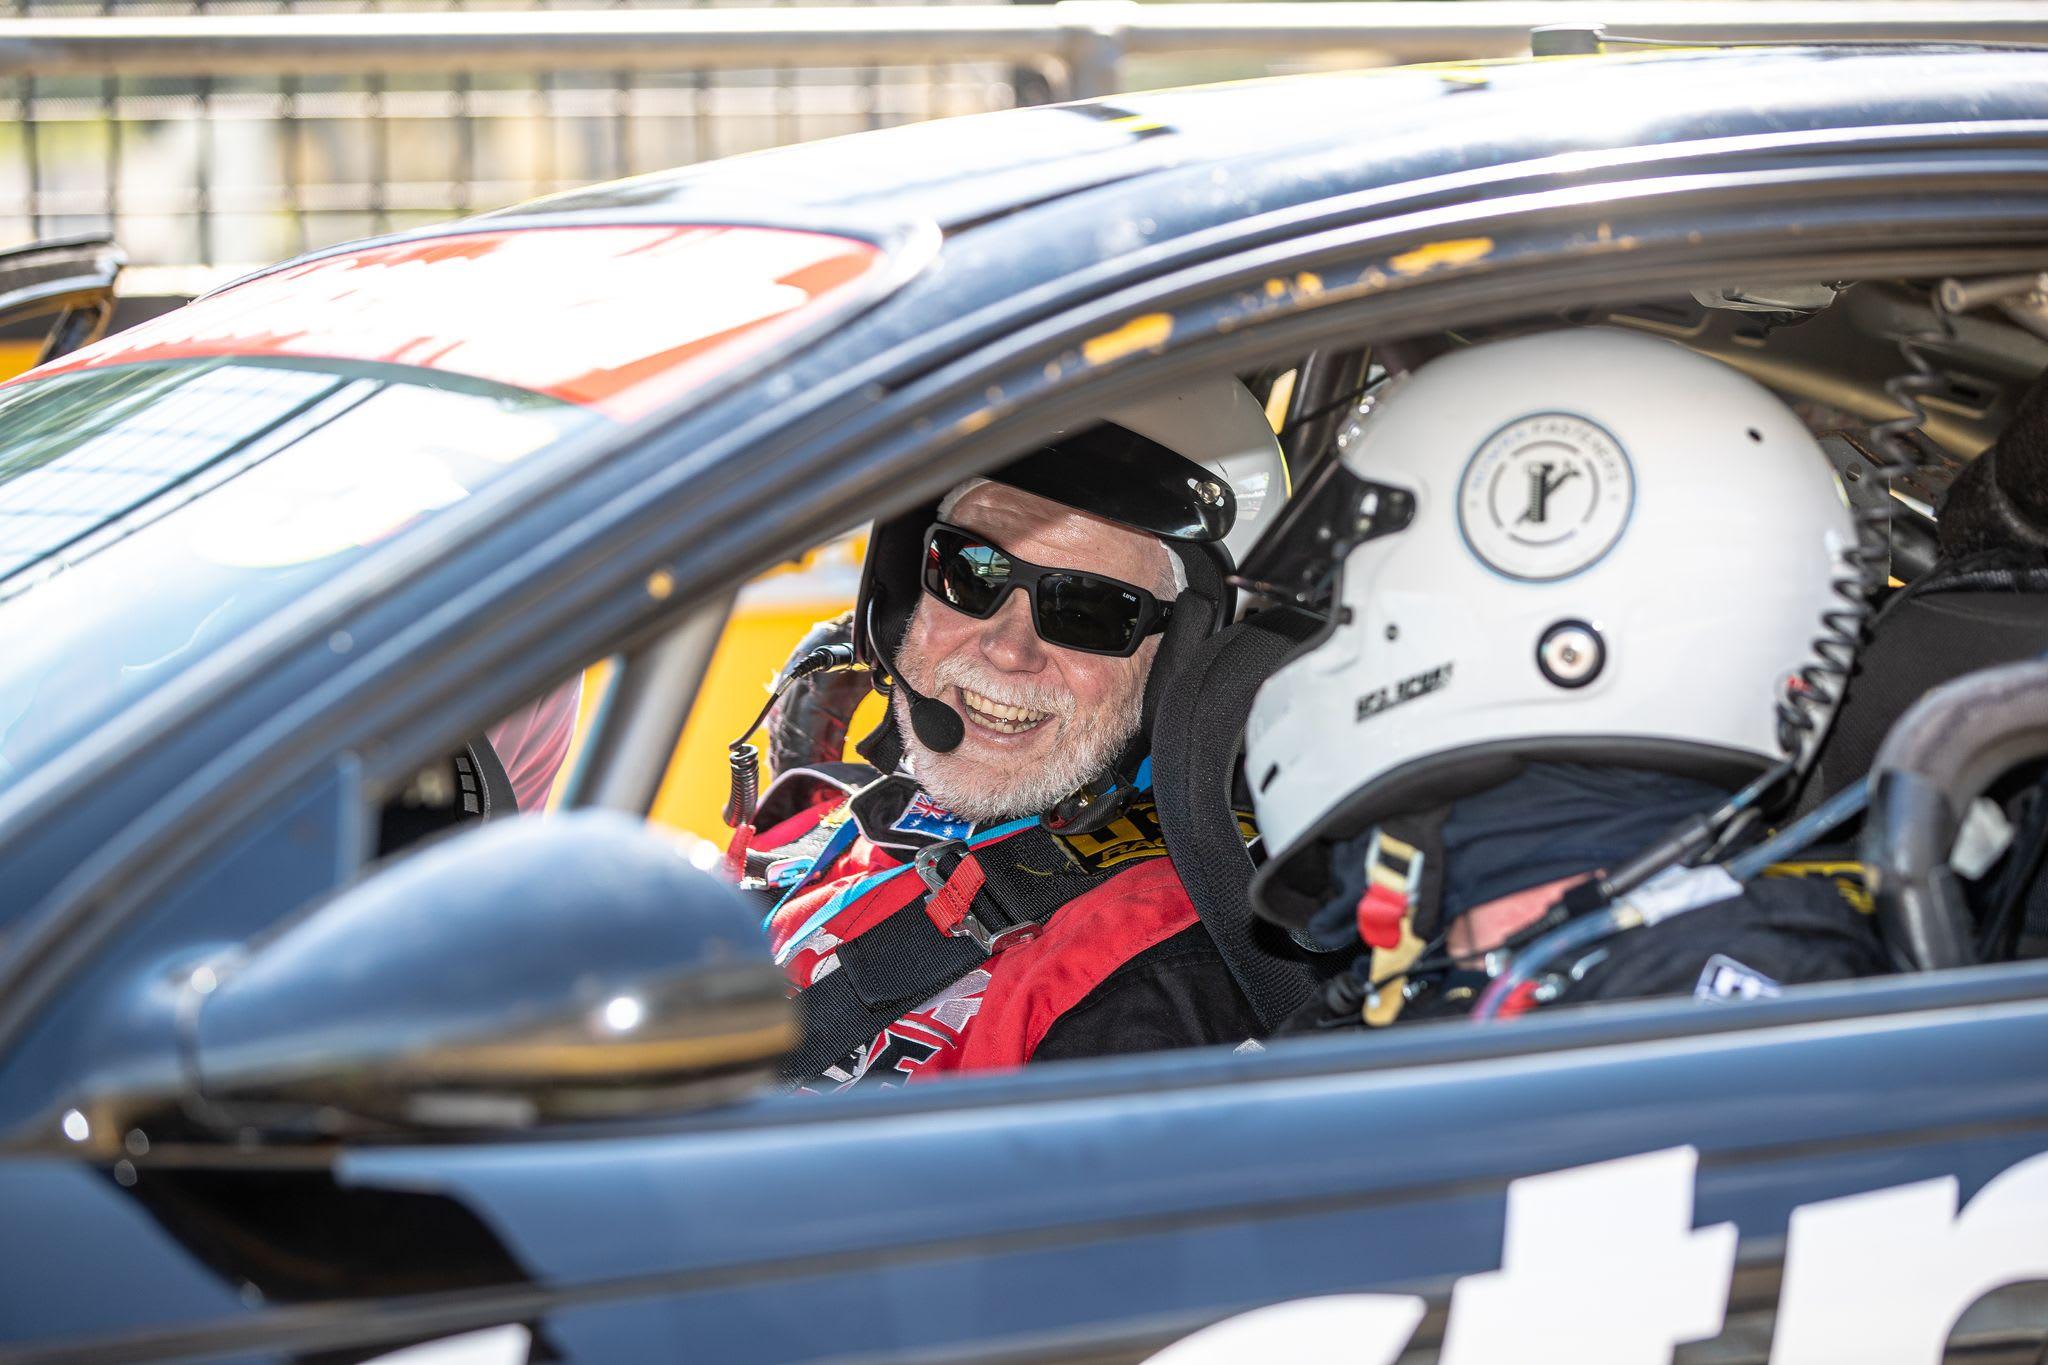 V8 Drive & Hot Laps Combo, 10 Laps - Sandown Raceway, Melbourne